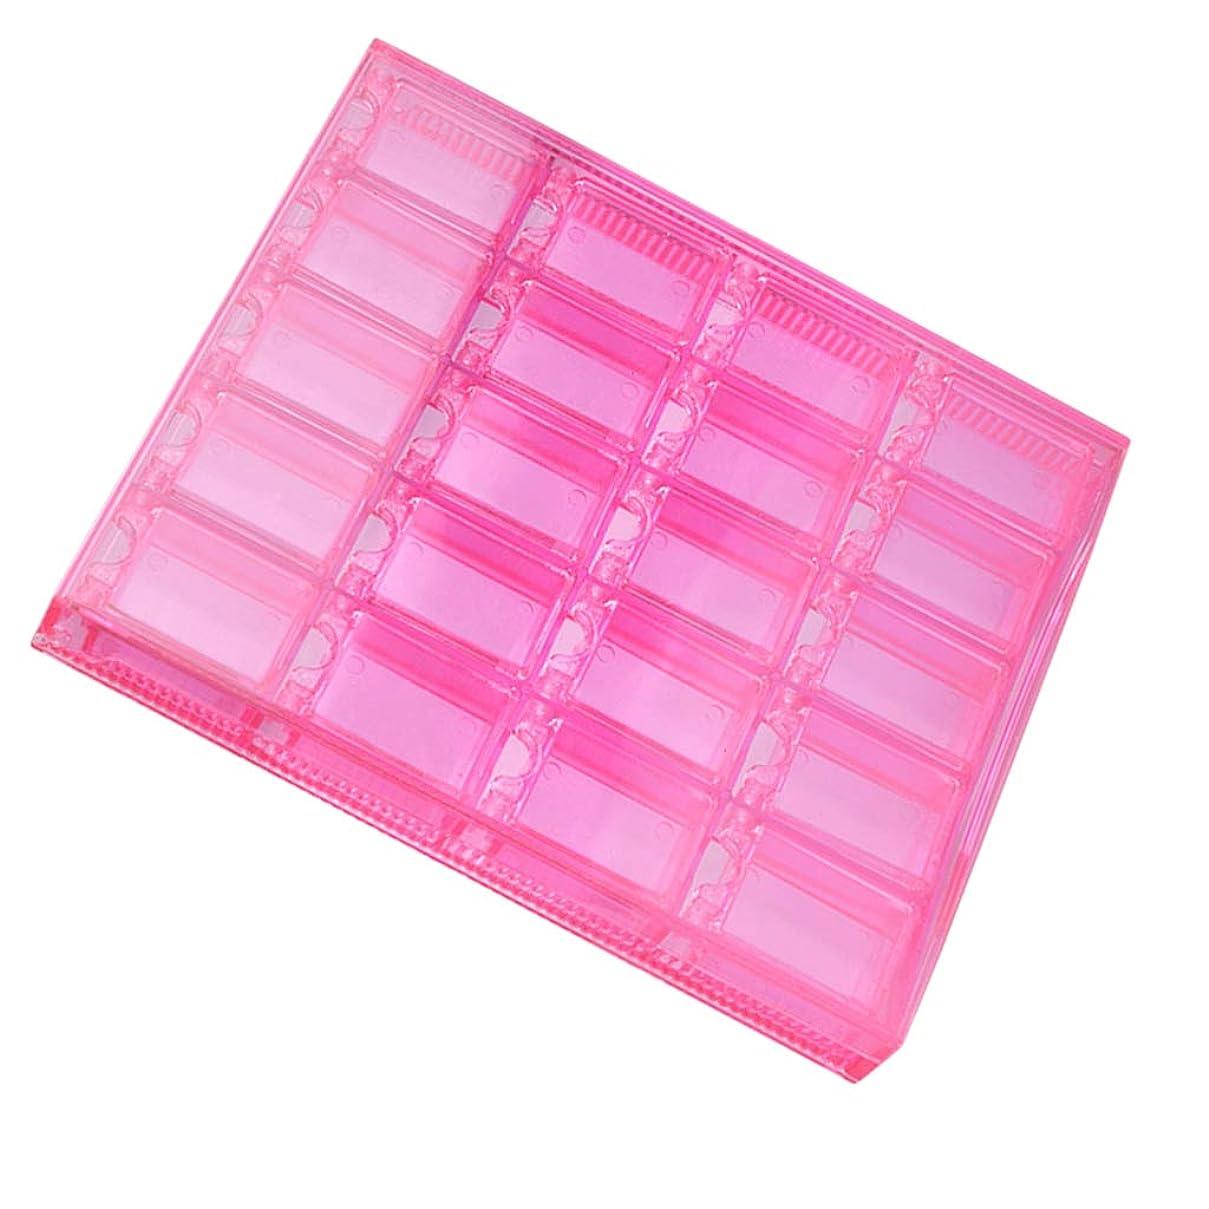 荒れ地リングレットモジュールFLAMEER アクリルネイル 収納ケース ラインストーン 収納ボックス 20グリッド 二重カバー保護 全2色 - ピンク